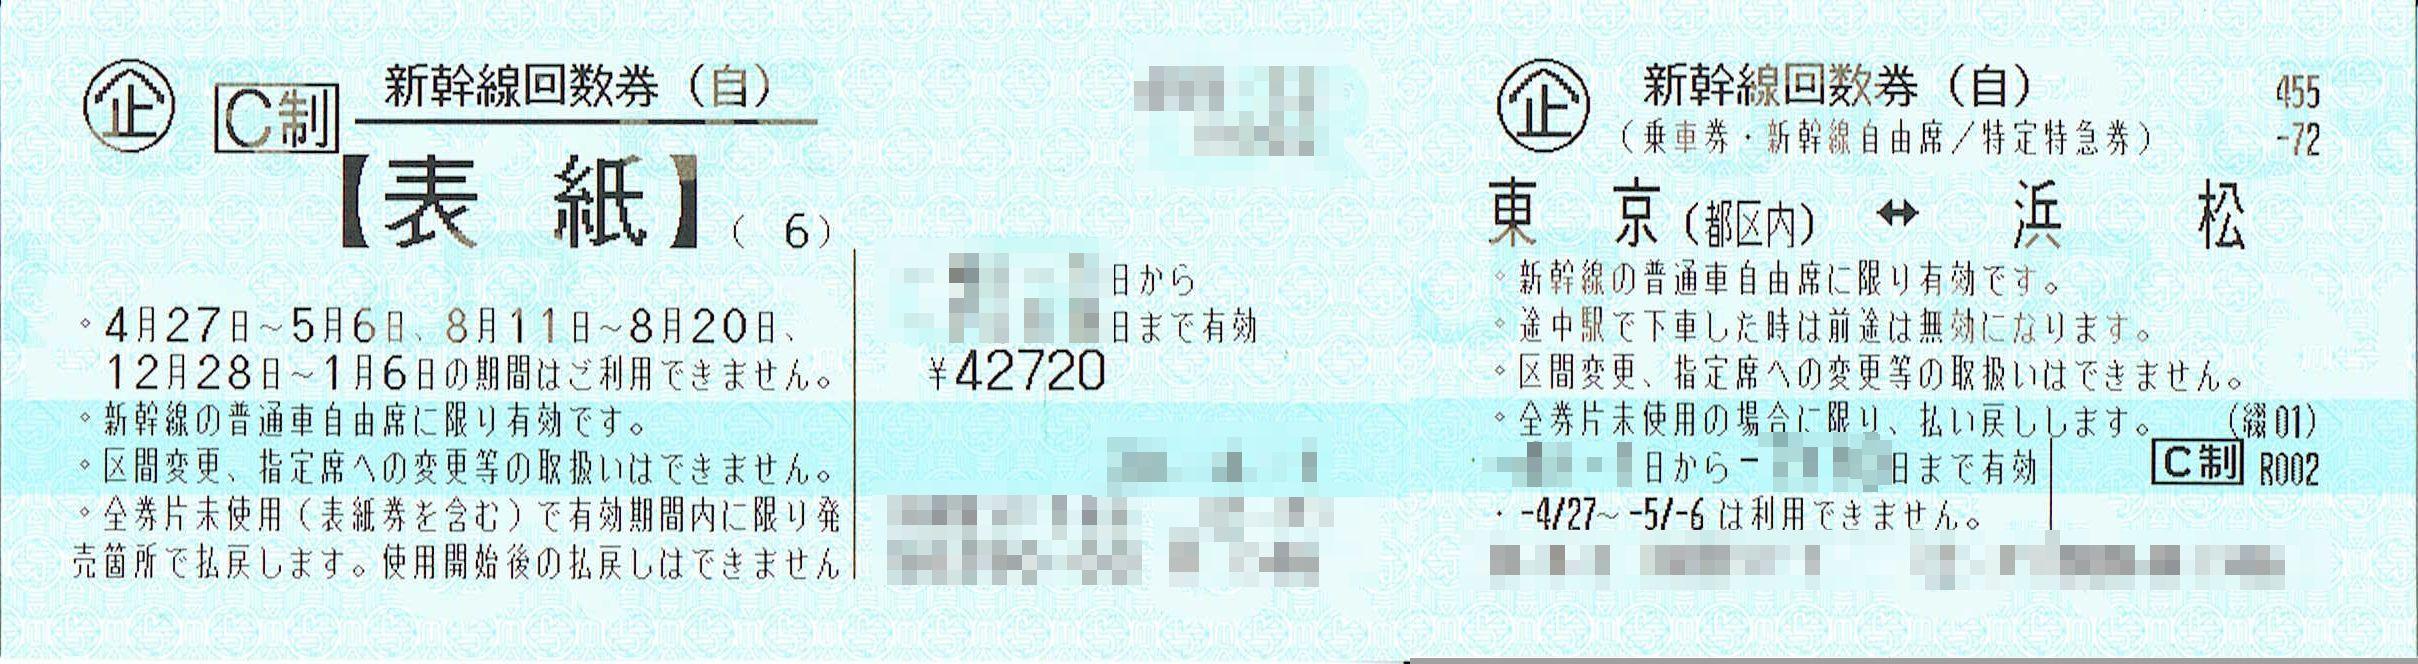 商品名「新幹線回数券 東京⇔浜松(自由)6枚綴 発券から7日以内」